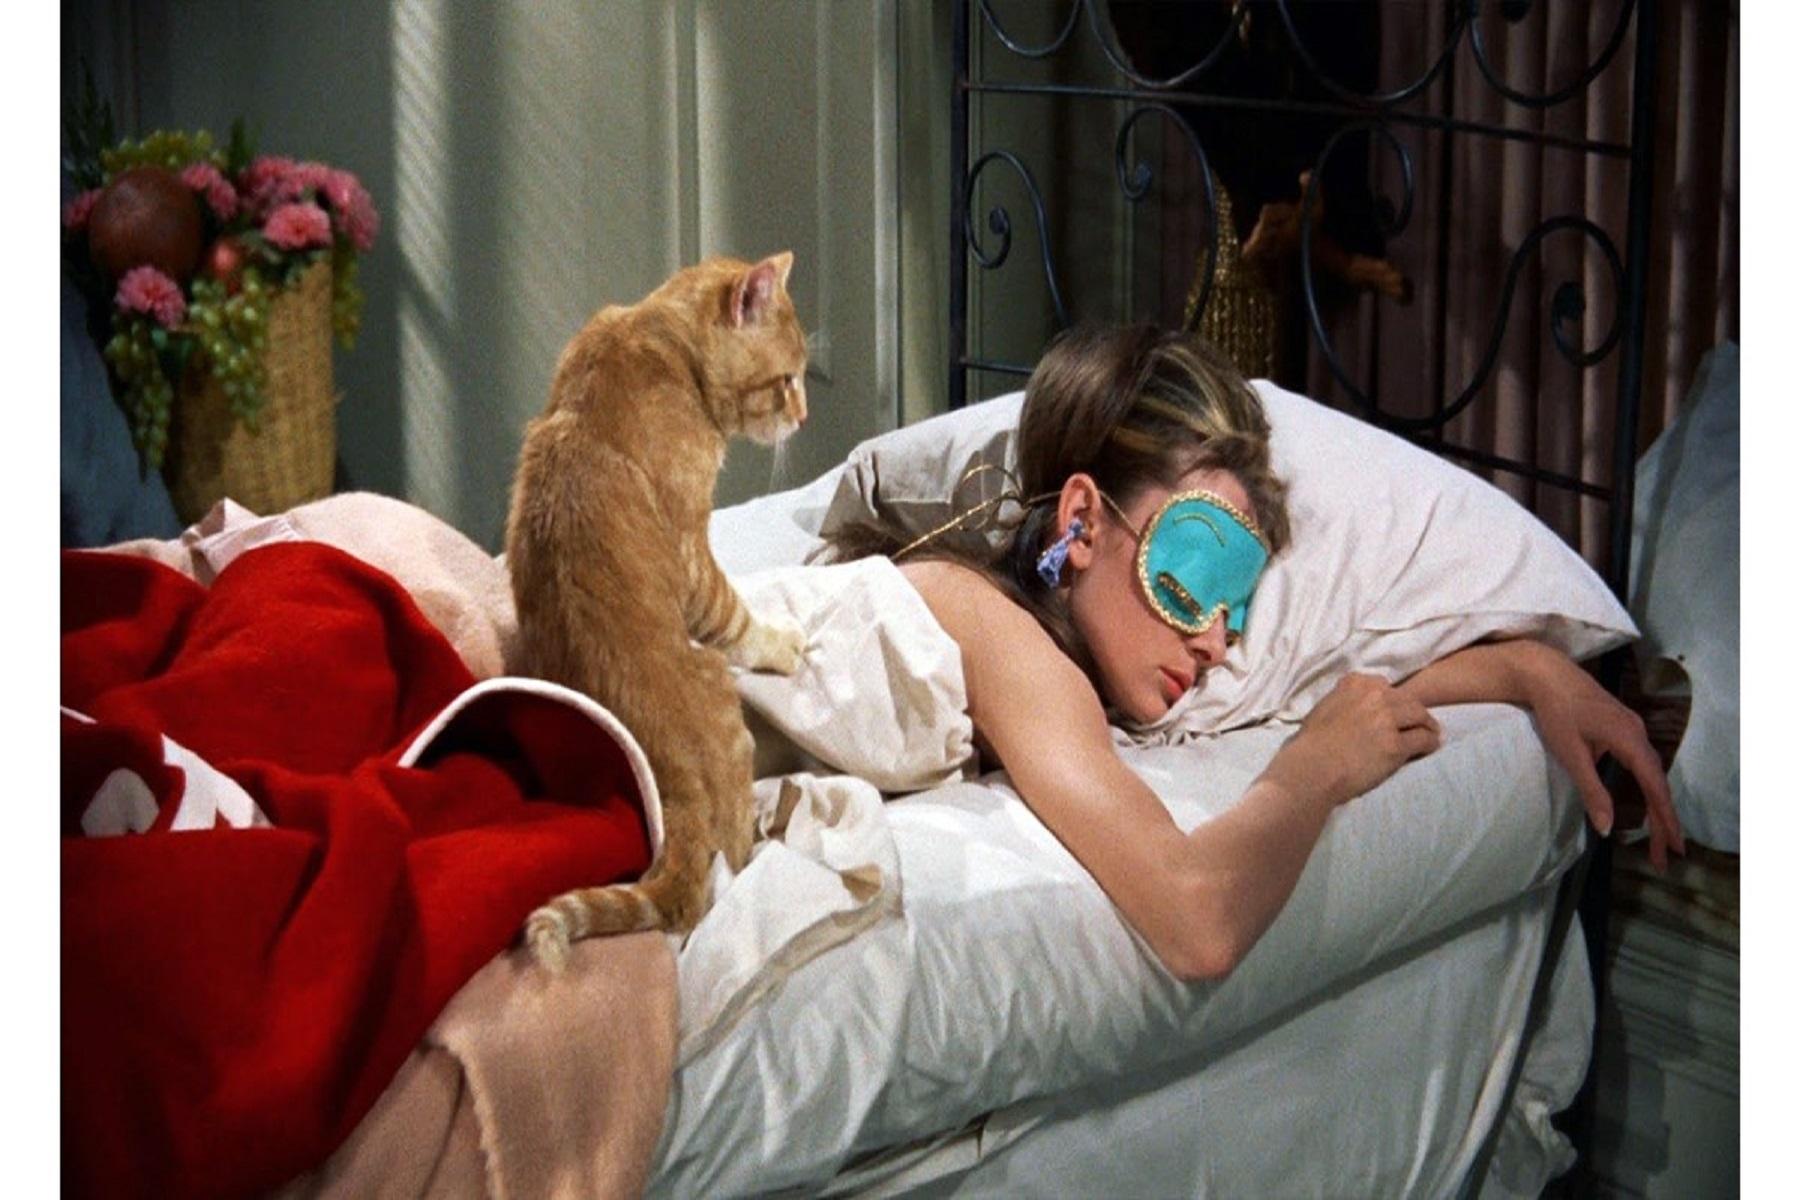 Ύπνος Όνειρα: Πώς να κοιμόμαστε ευχάριστα χωρίς εφιάλτες